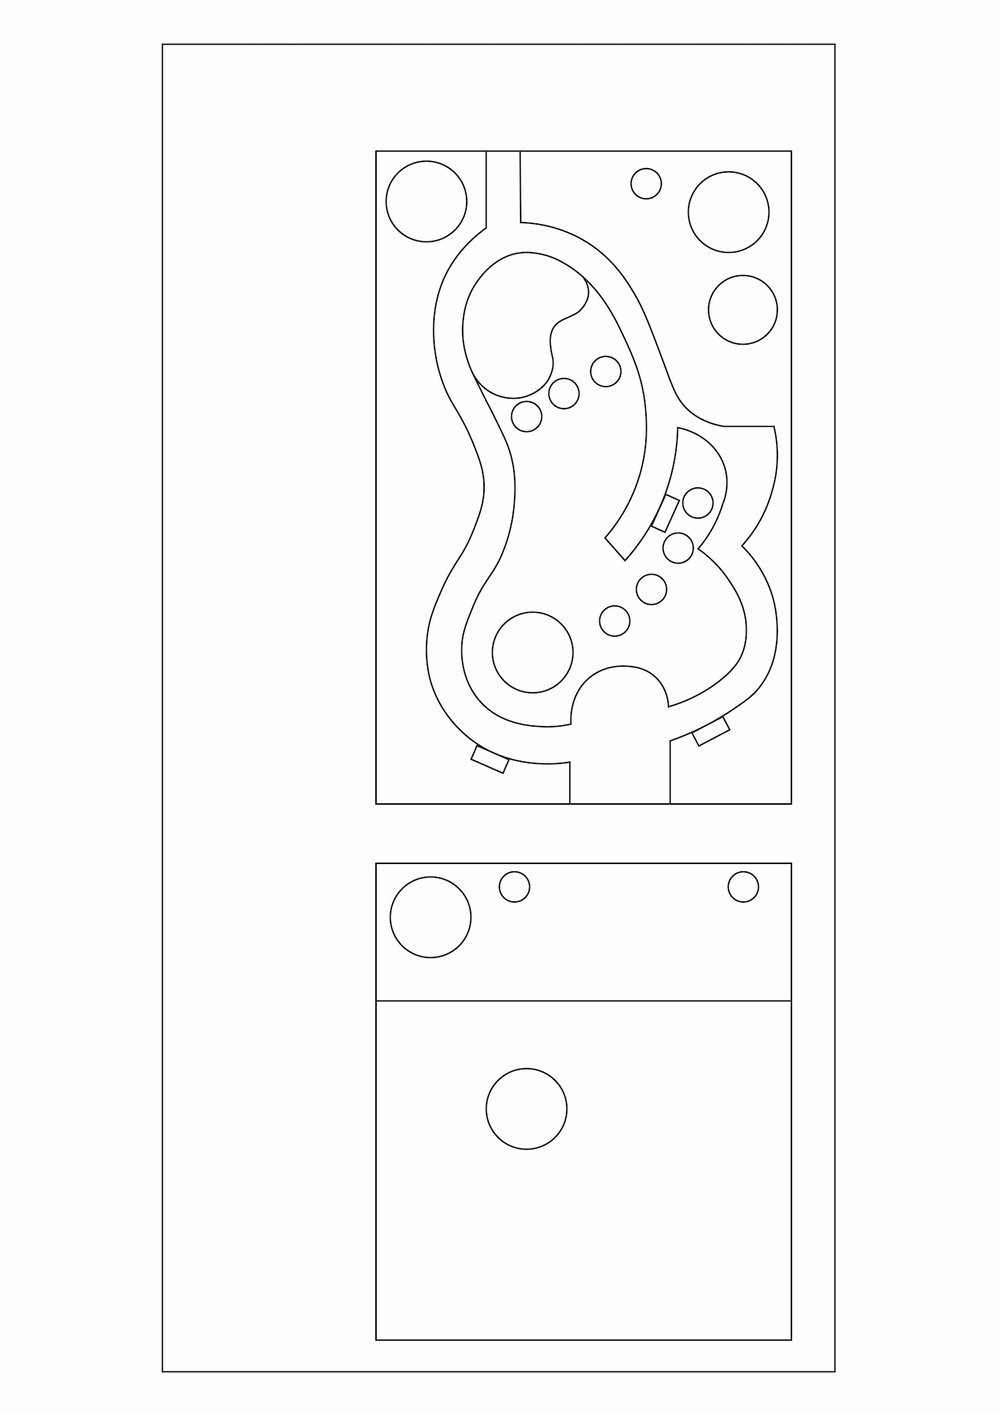 20_Zeichenfläche 1.jpg